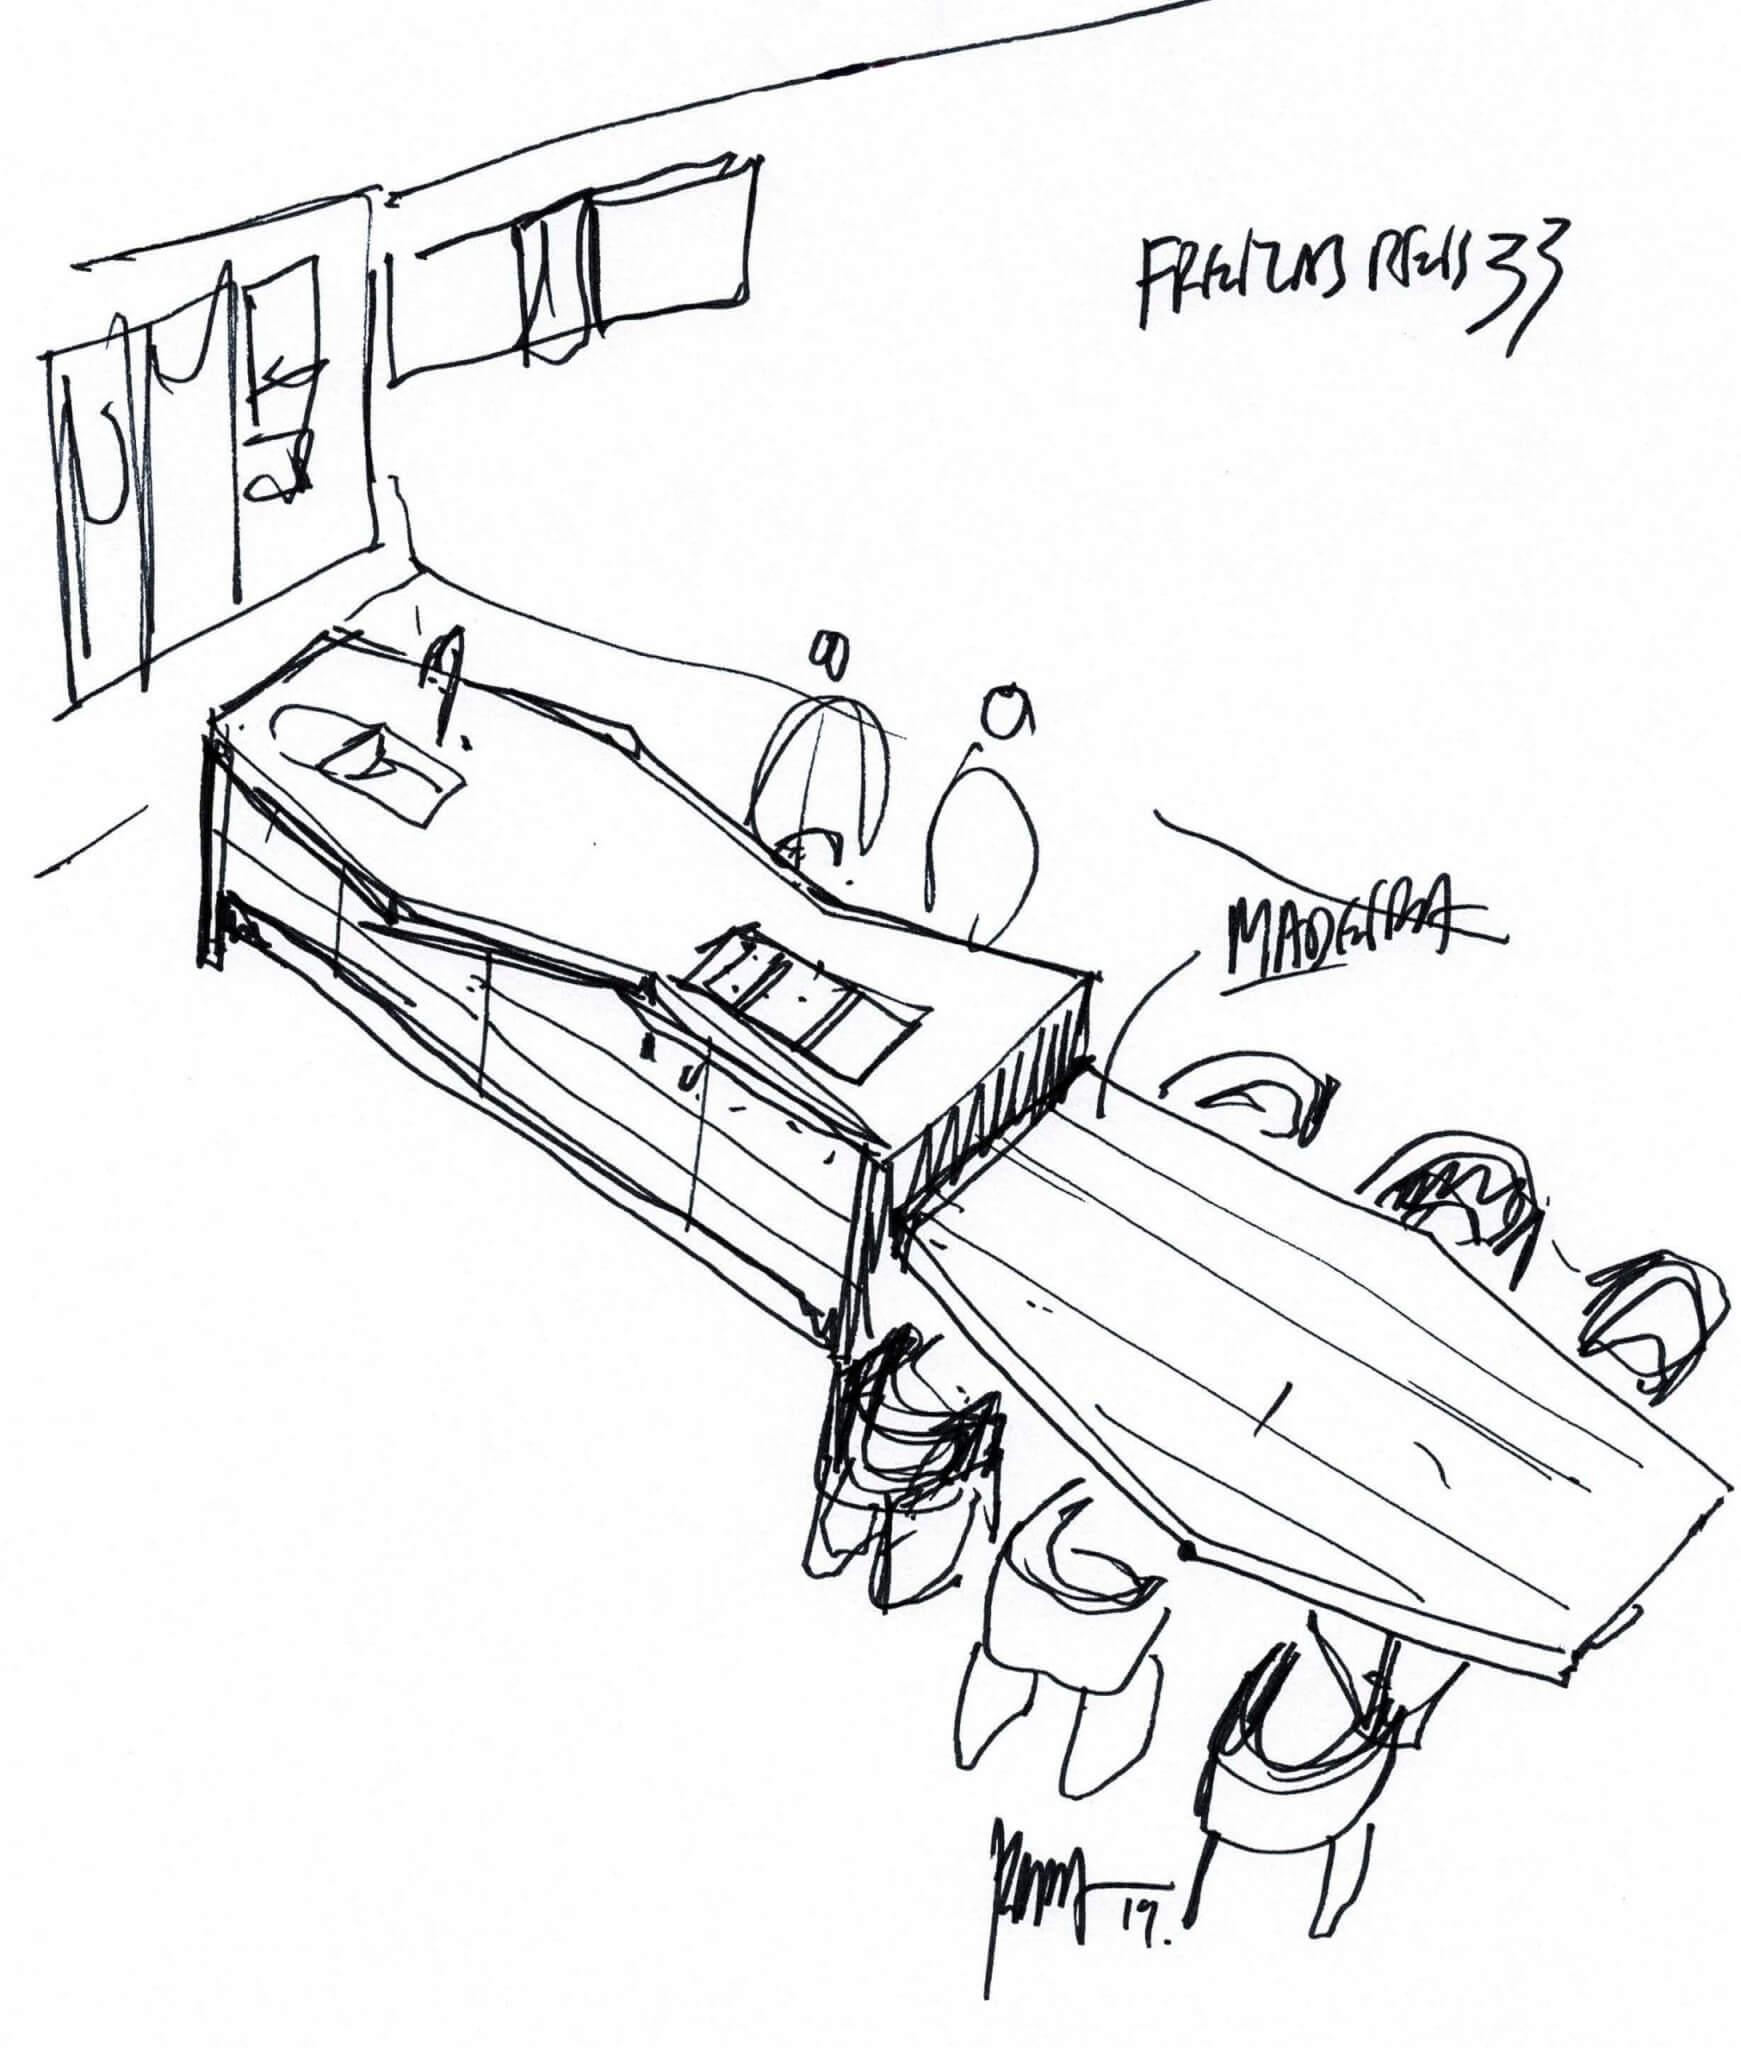 Freitas Reis 33